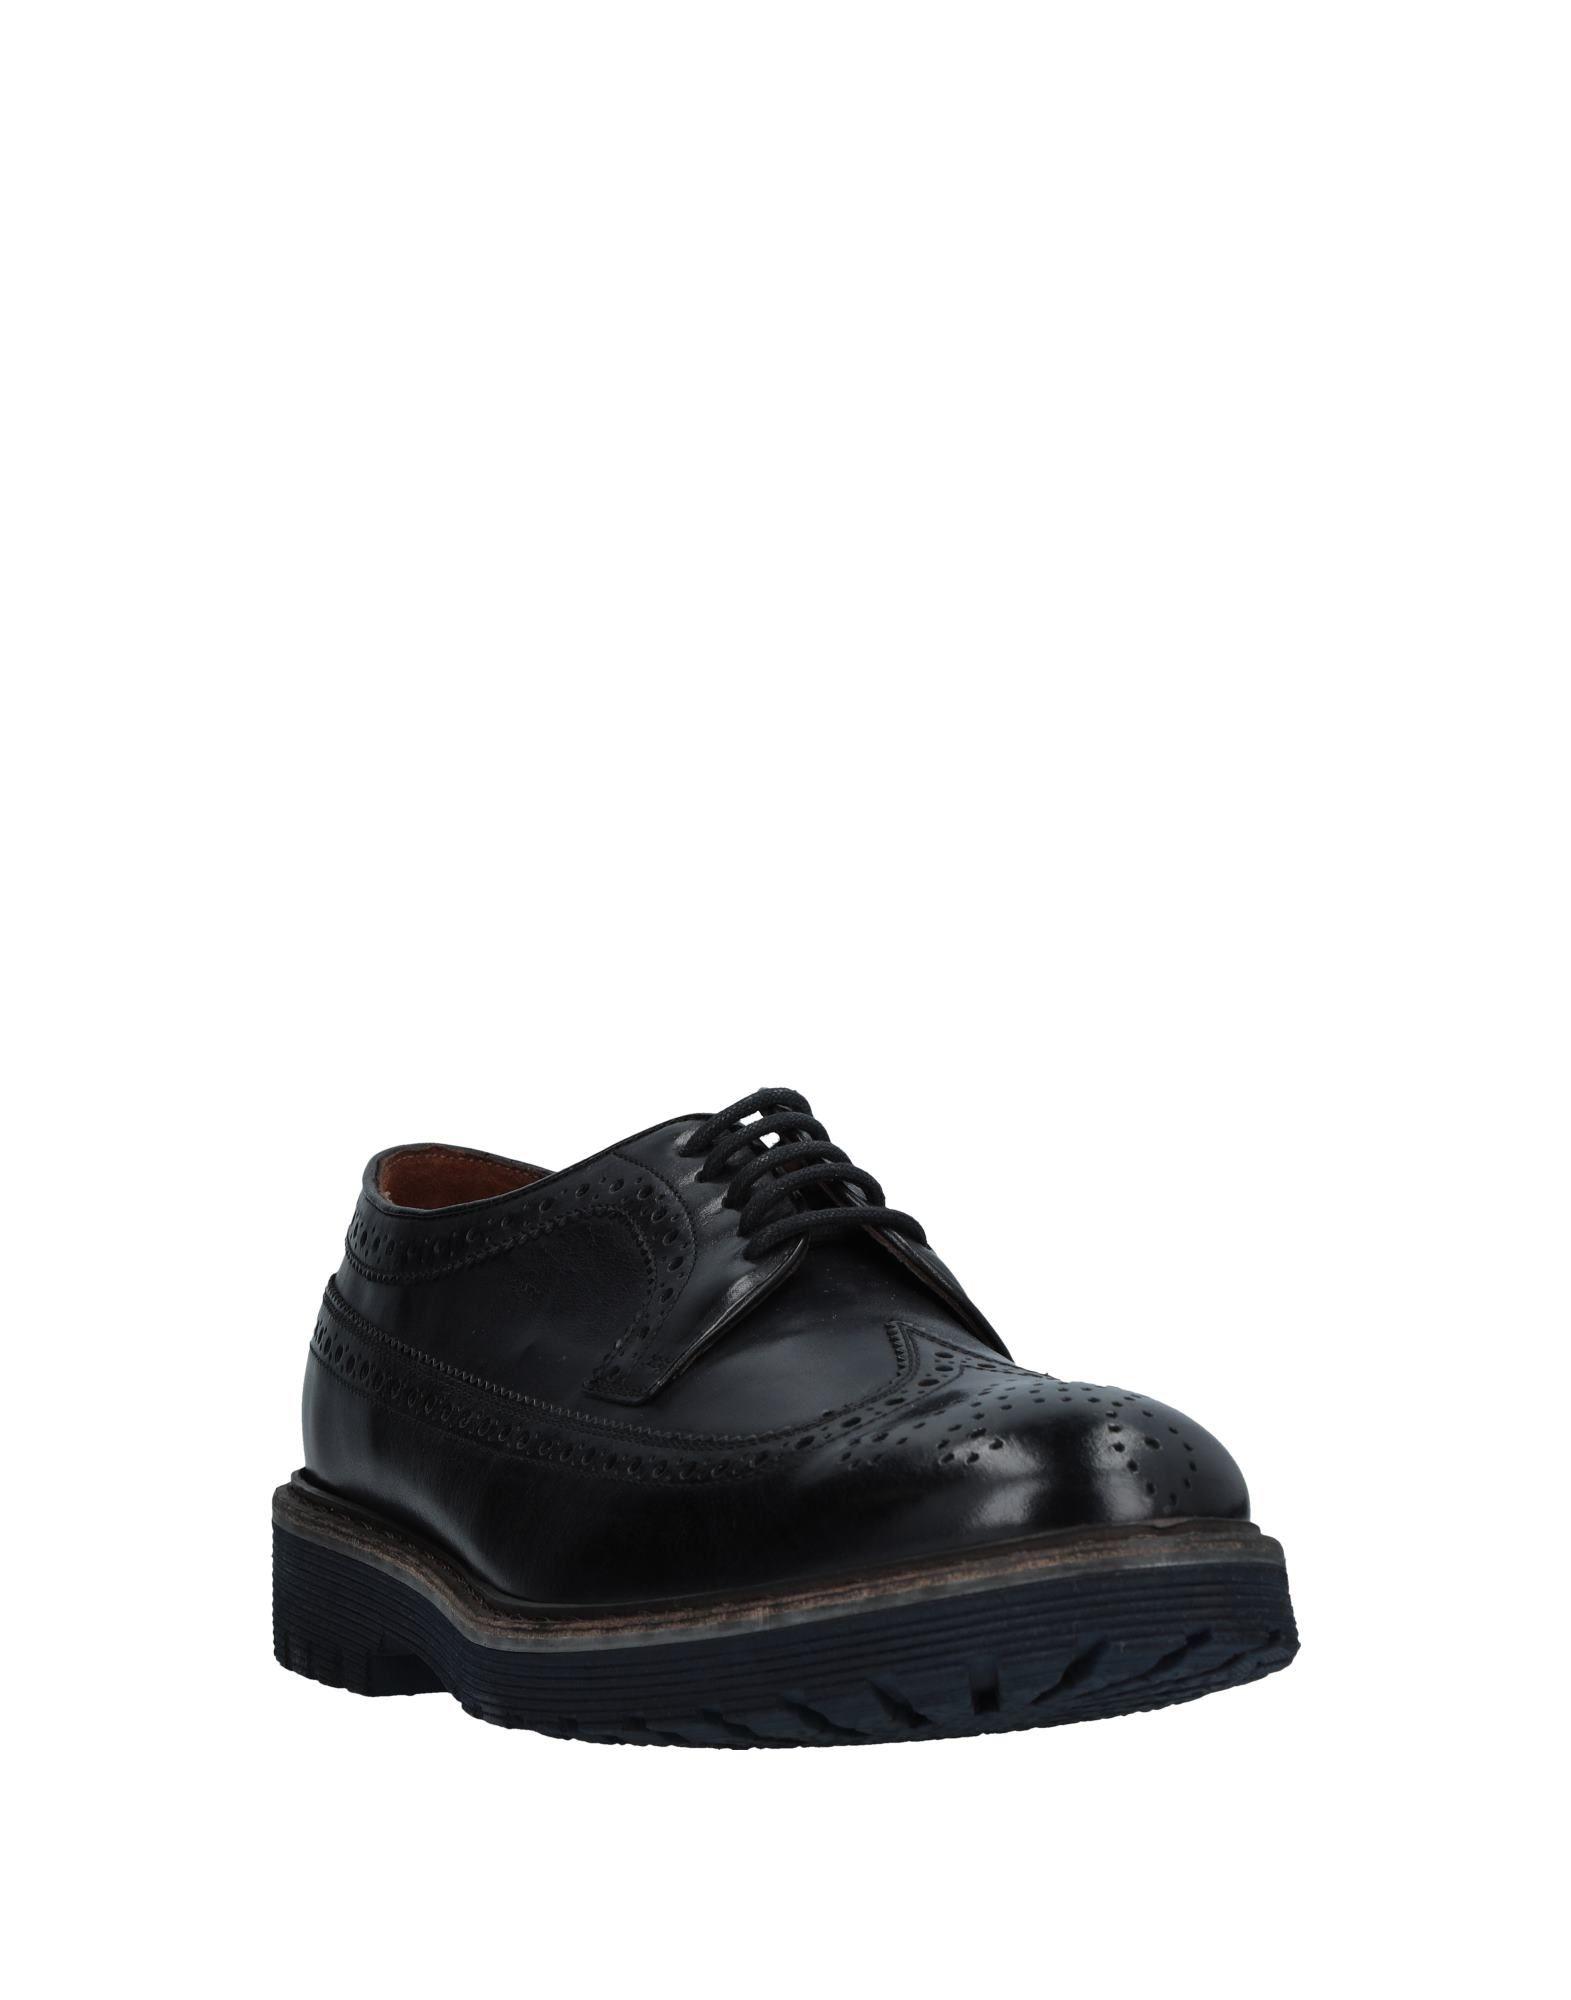 Rabatt Anderson echte Schuhe Anderson Rabatt Schnürschuhe Herren  11521702JV 3f1b47